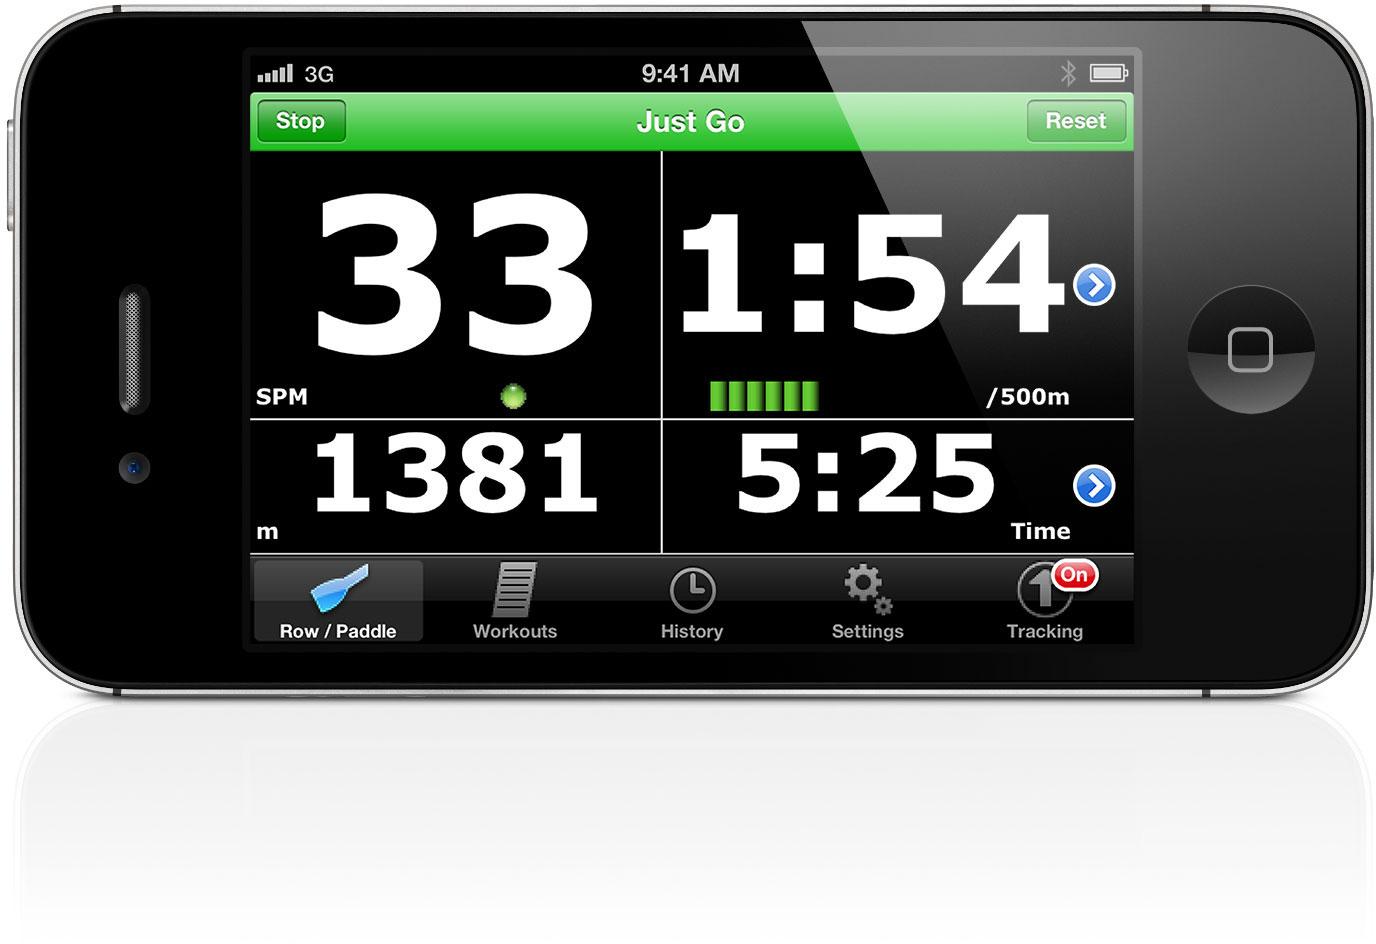 Crew Nerd rate/split display rowing app